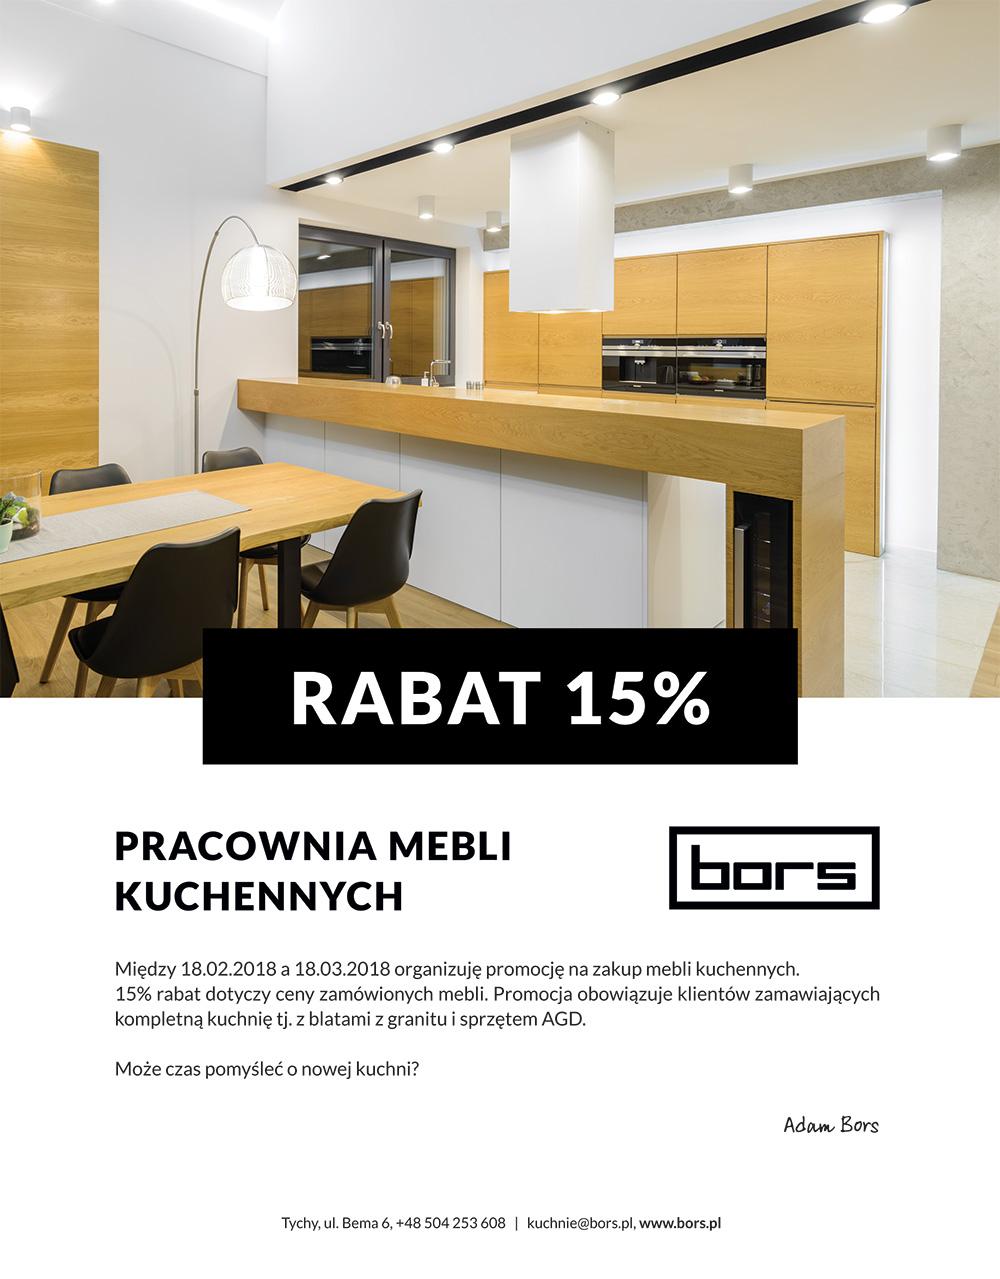 Kuchnie Na Wymiar Meble kuchenne Katowice Gliwice Bytom